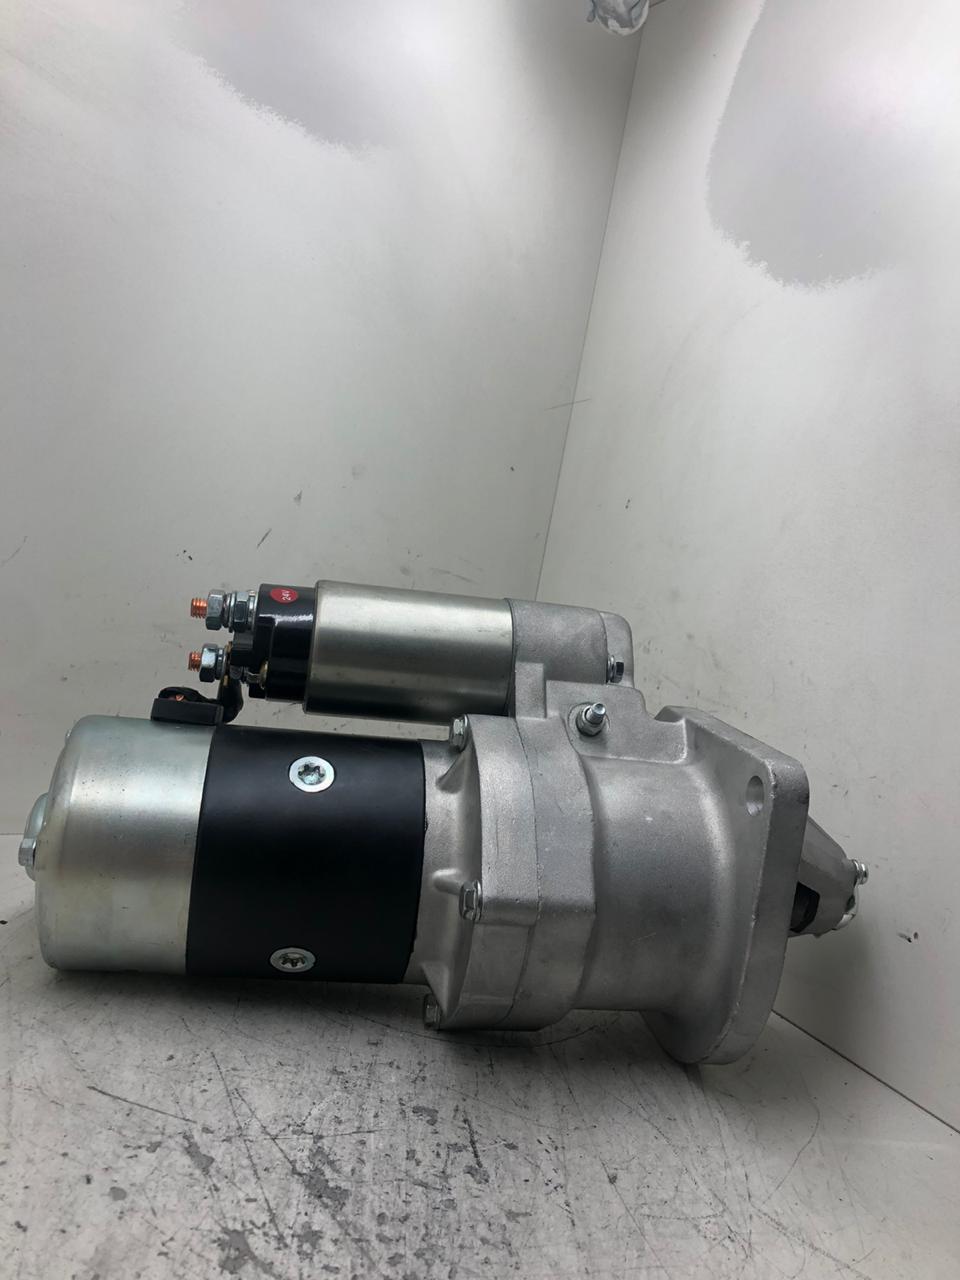 Motor de Partida Nissan Empilhadeira F03 11 Dentes 2330006J01 2330006J02 233000J04  S25158 S25158A  S25158B S251 AEC17016